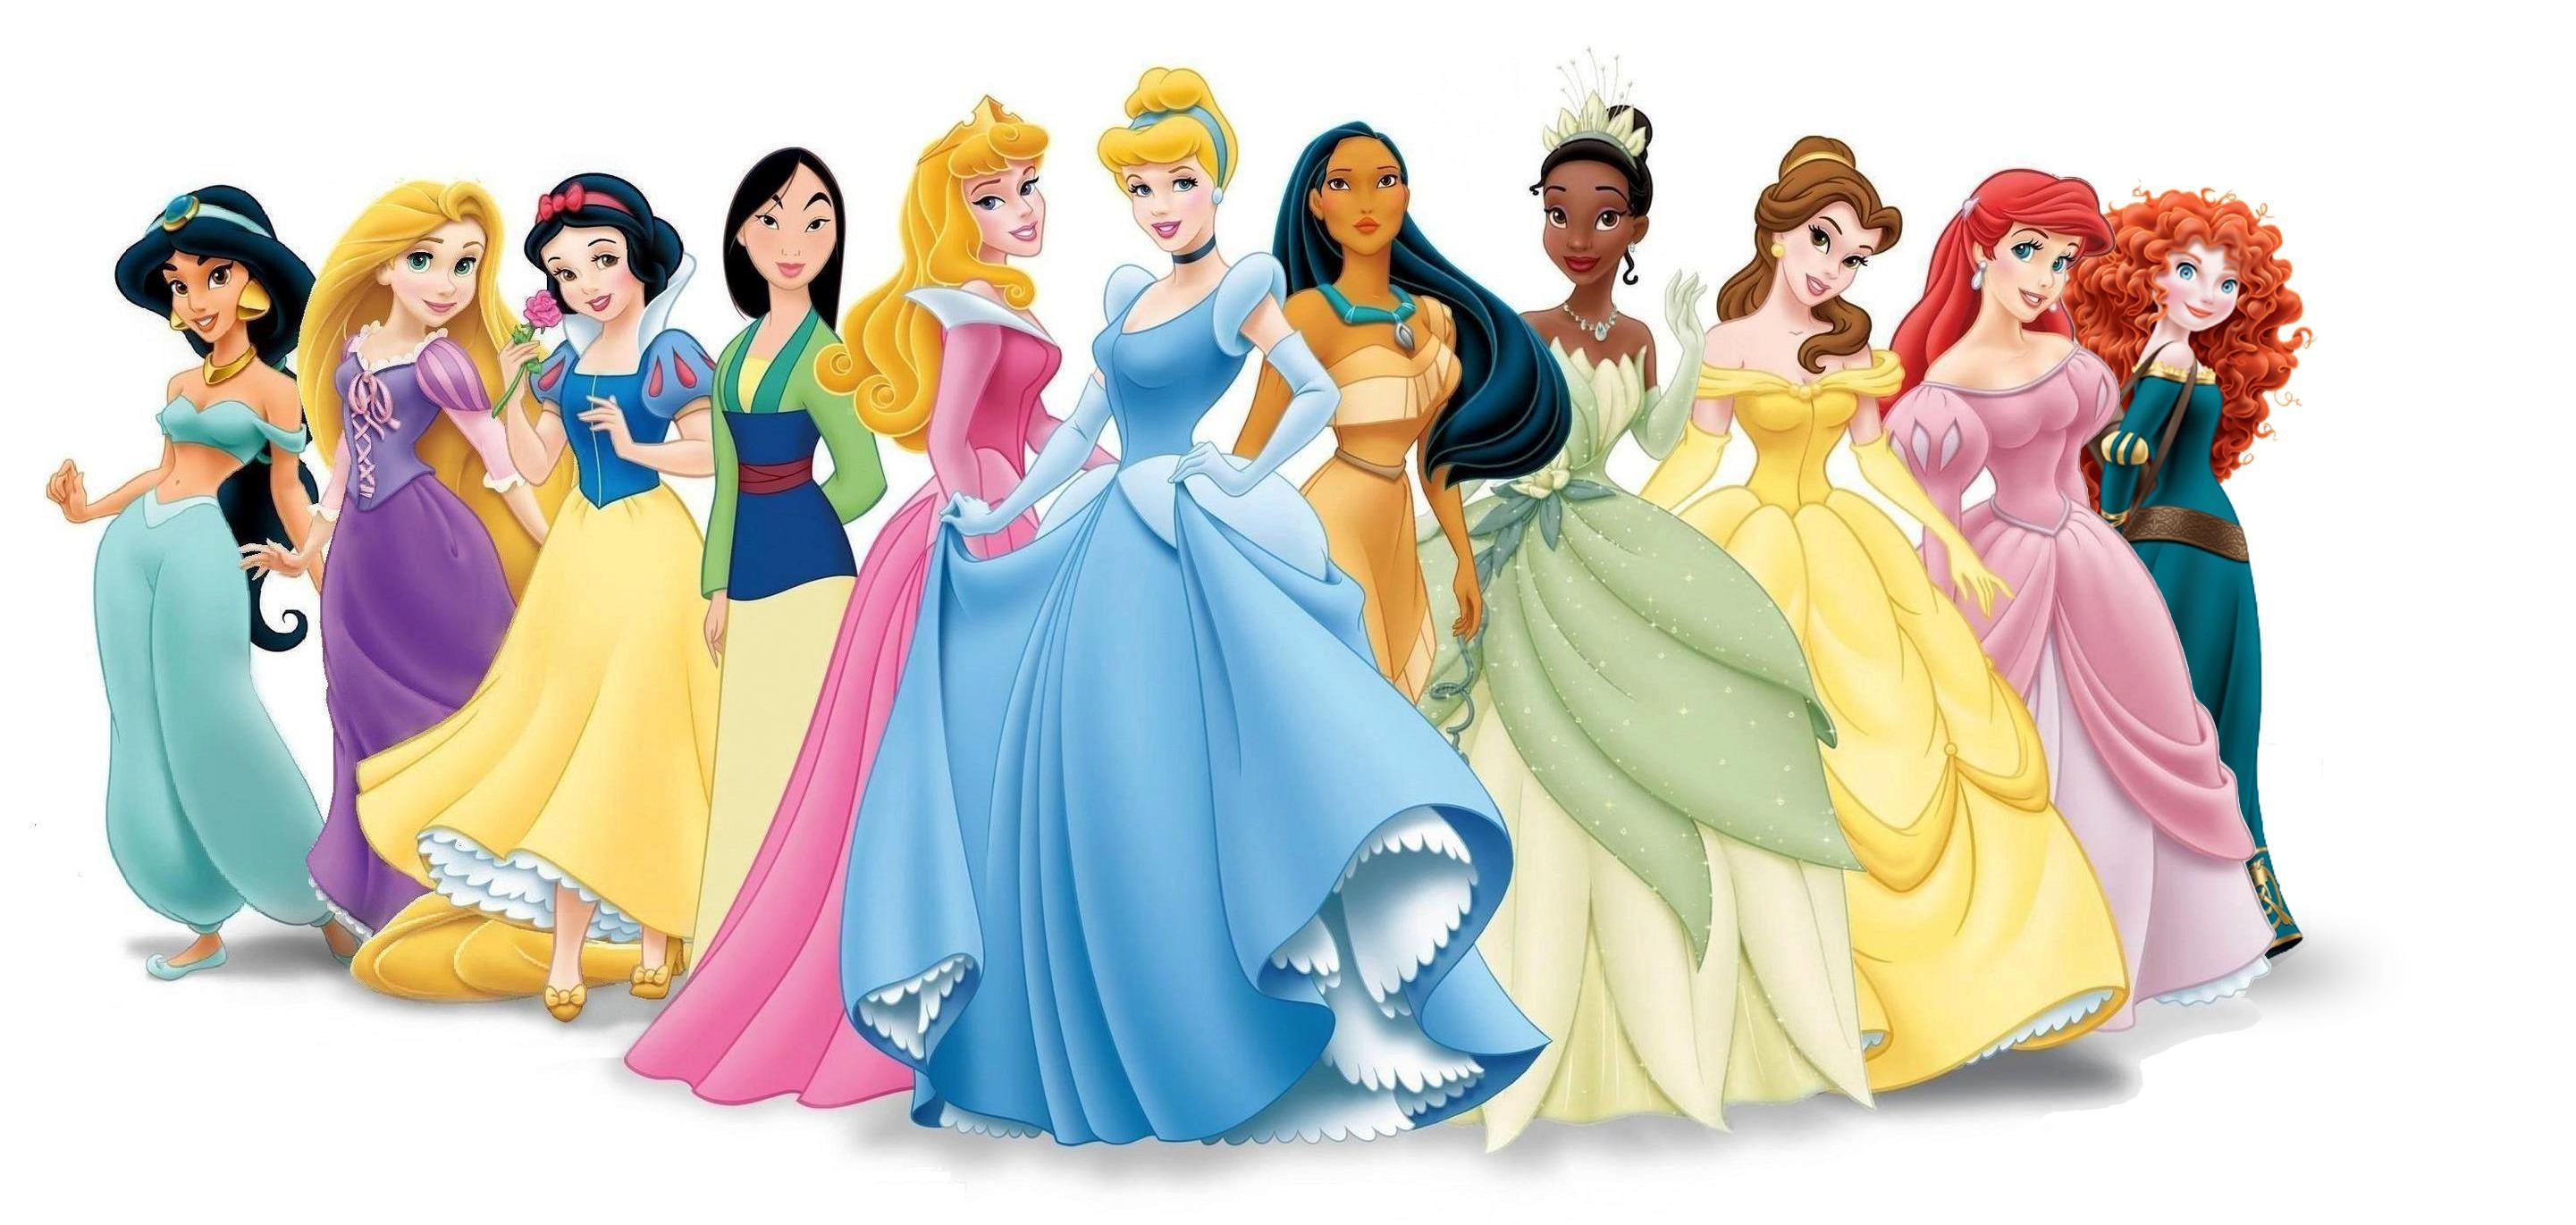 Princess plural